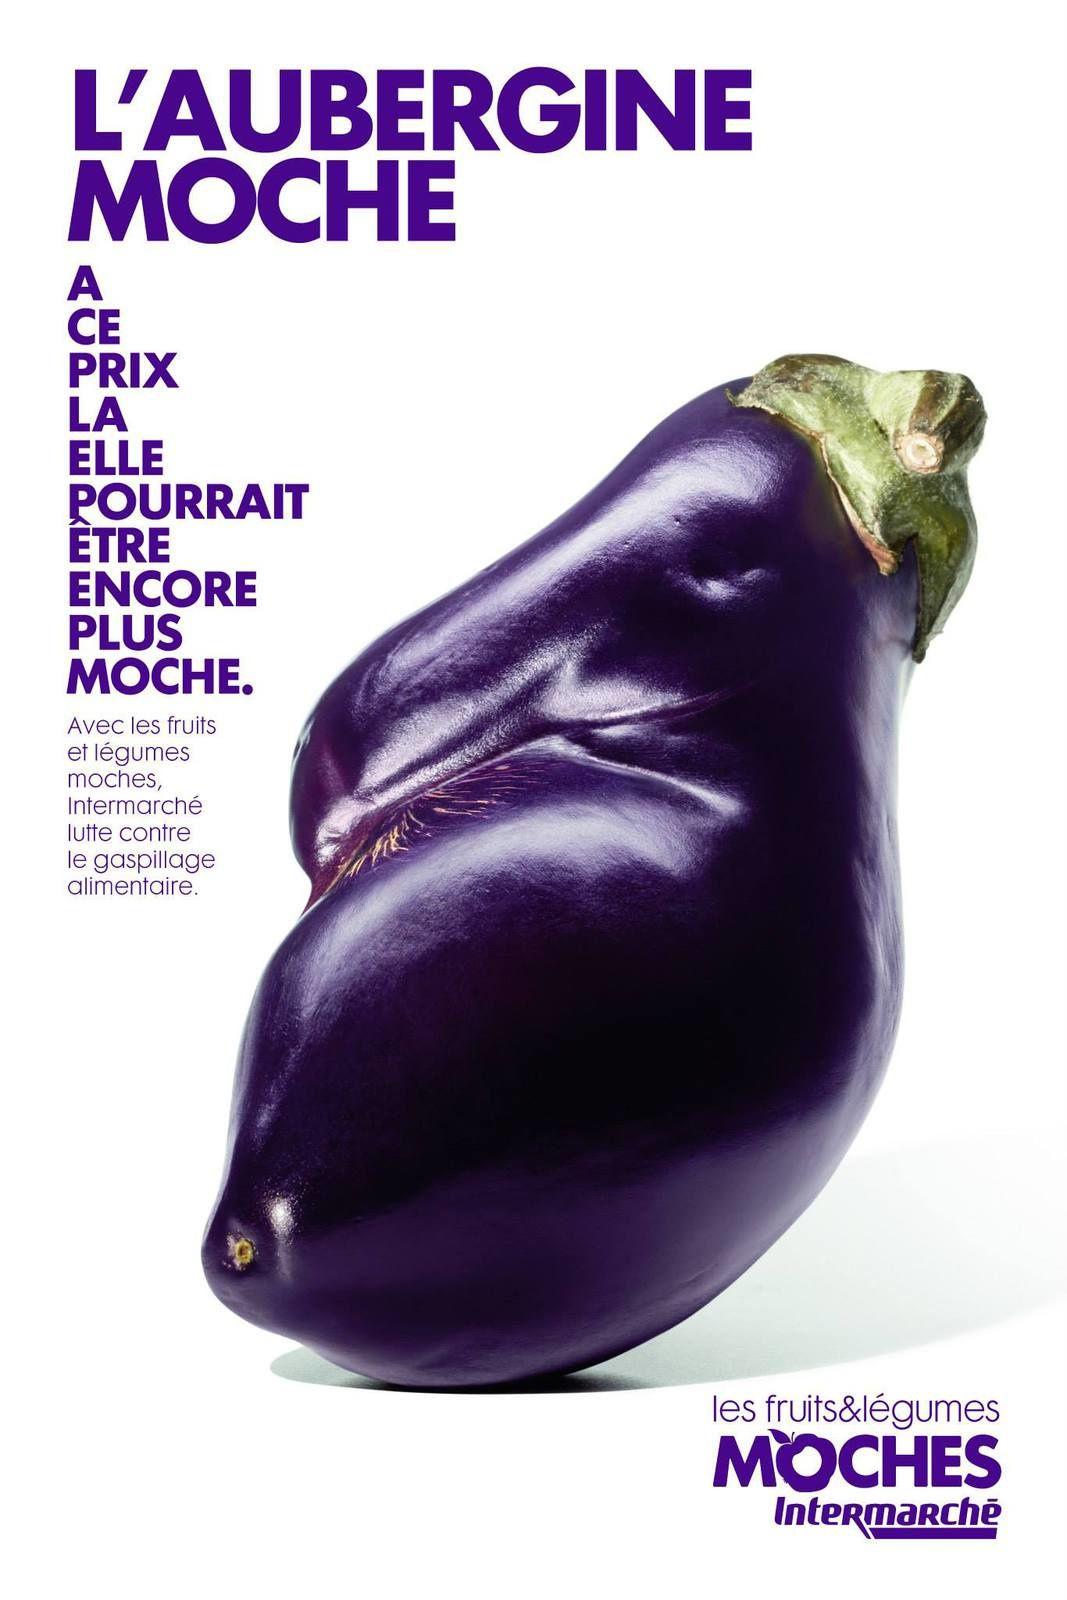 """""""Les Fruits & Légumes moches""""   Agence : Marcel, France pour Intermarché (mars 2014)"""